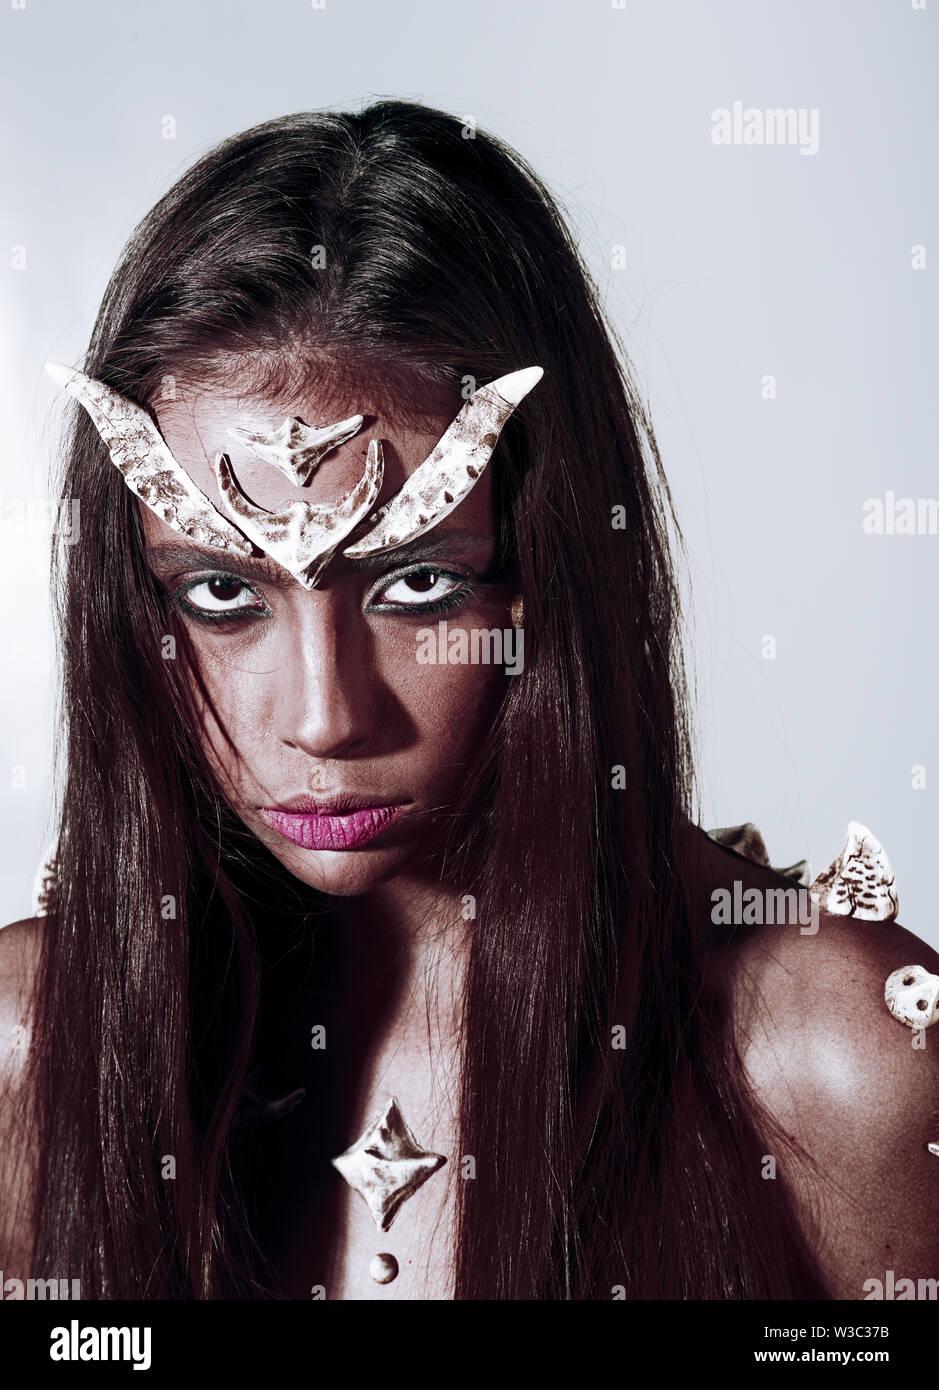 Girl Fantasy Style Makeup. Halloween Ideas Concept. Woman ...